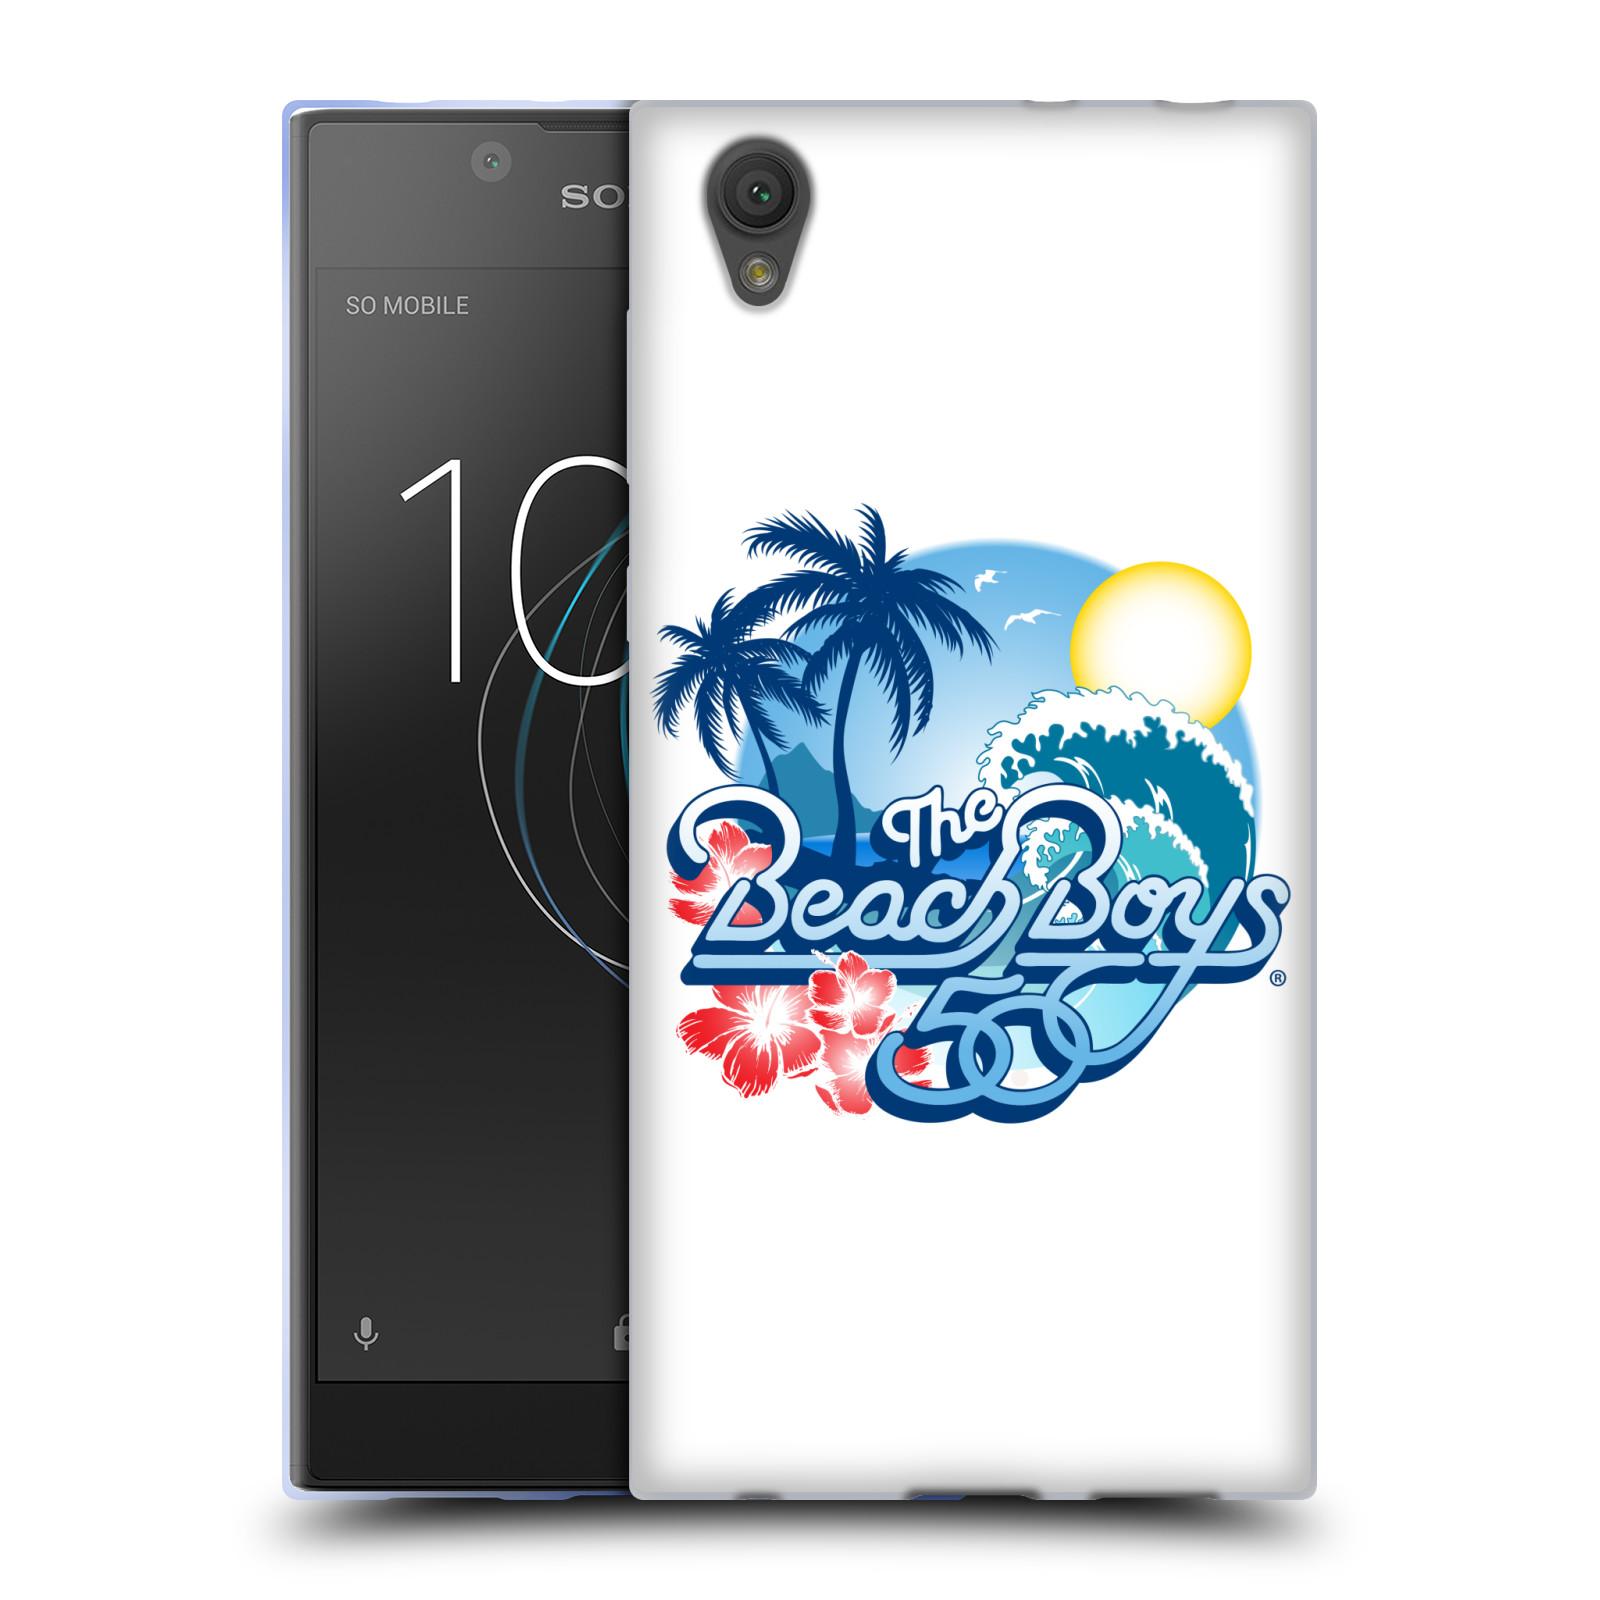 HEAD CASE silikonový obal na mobil Sony Xperia L1 skupina The Beach Boys logo 50. výročí